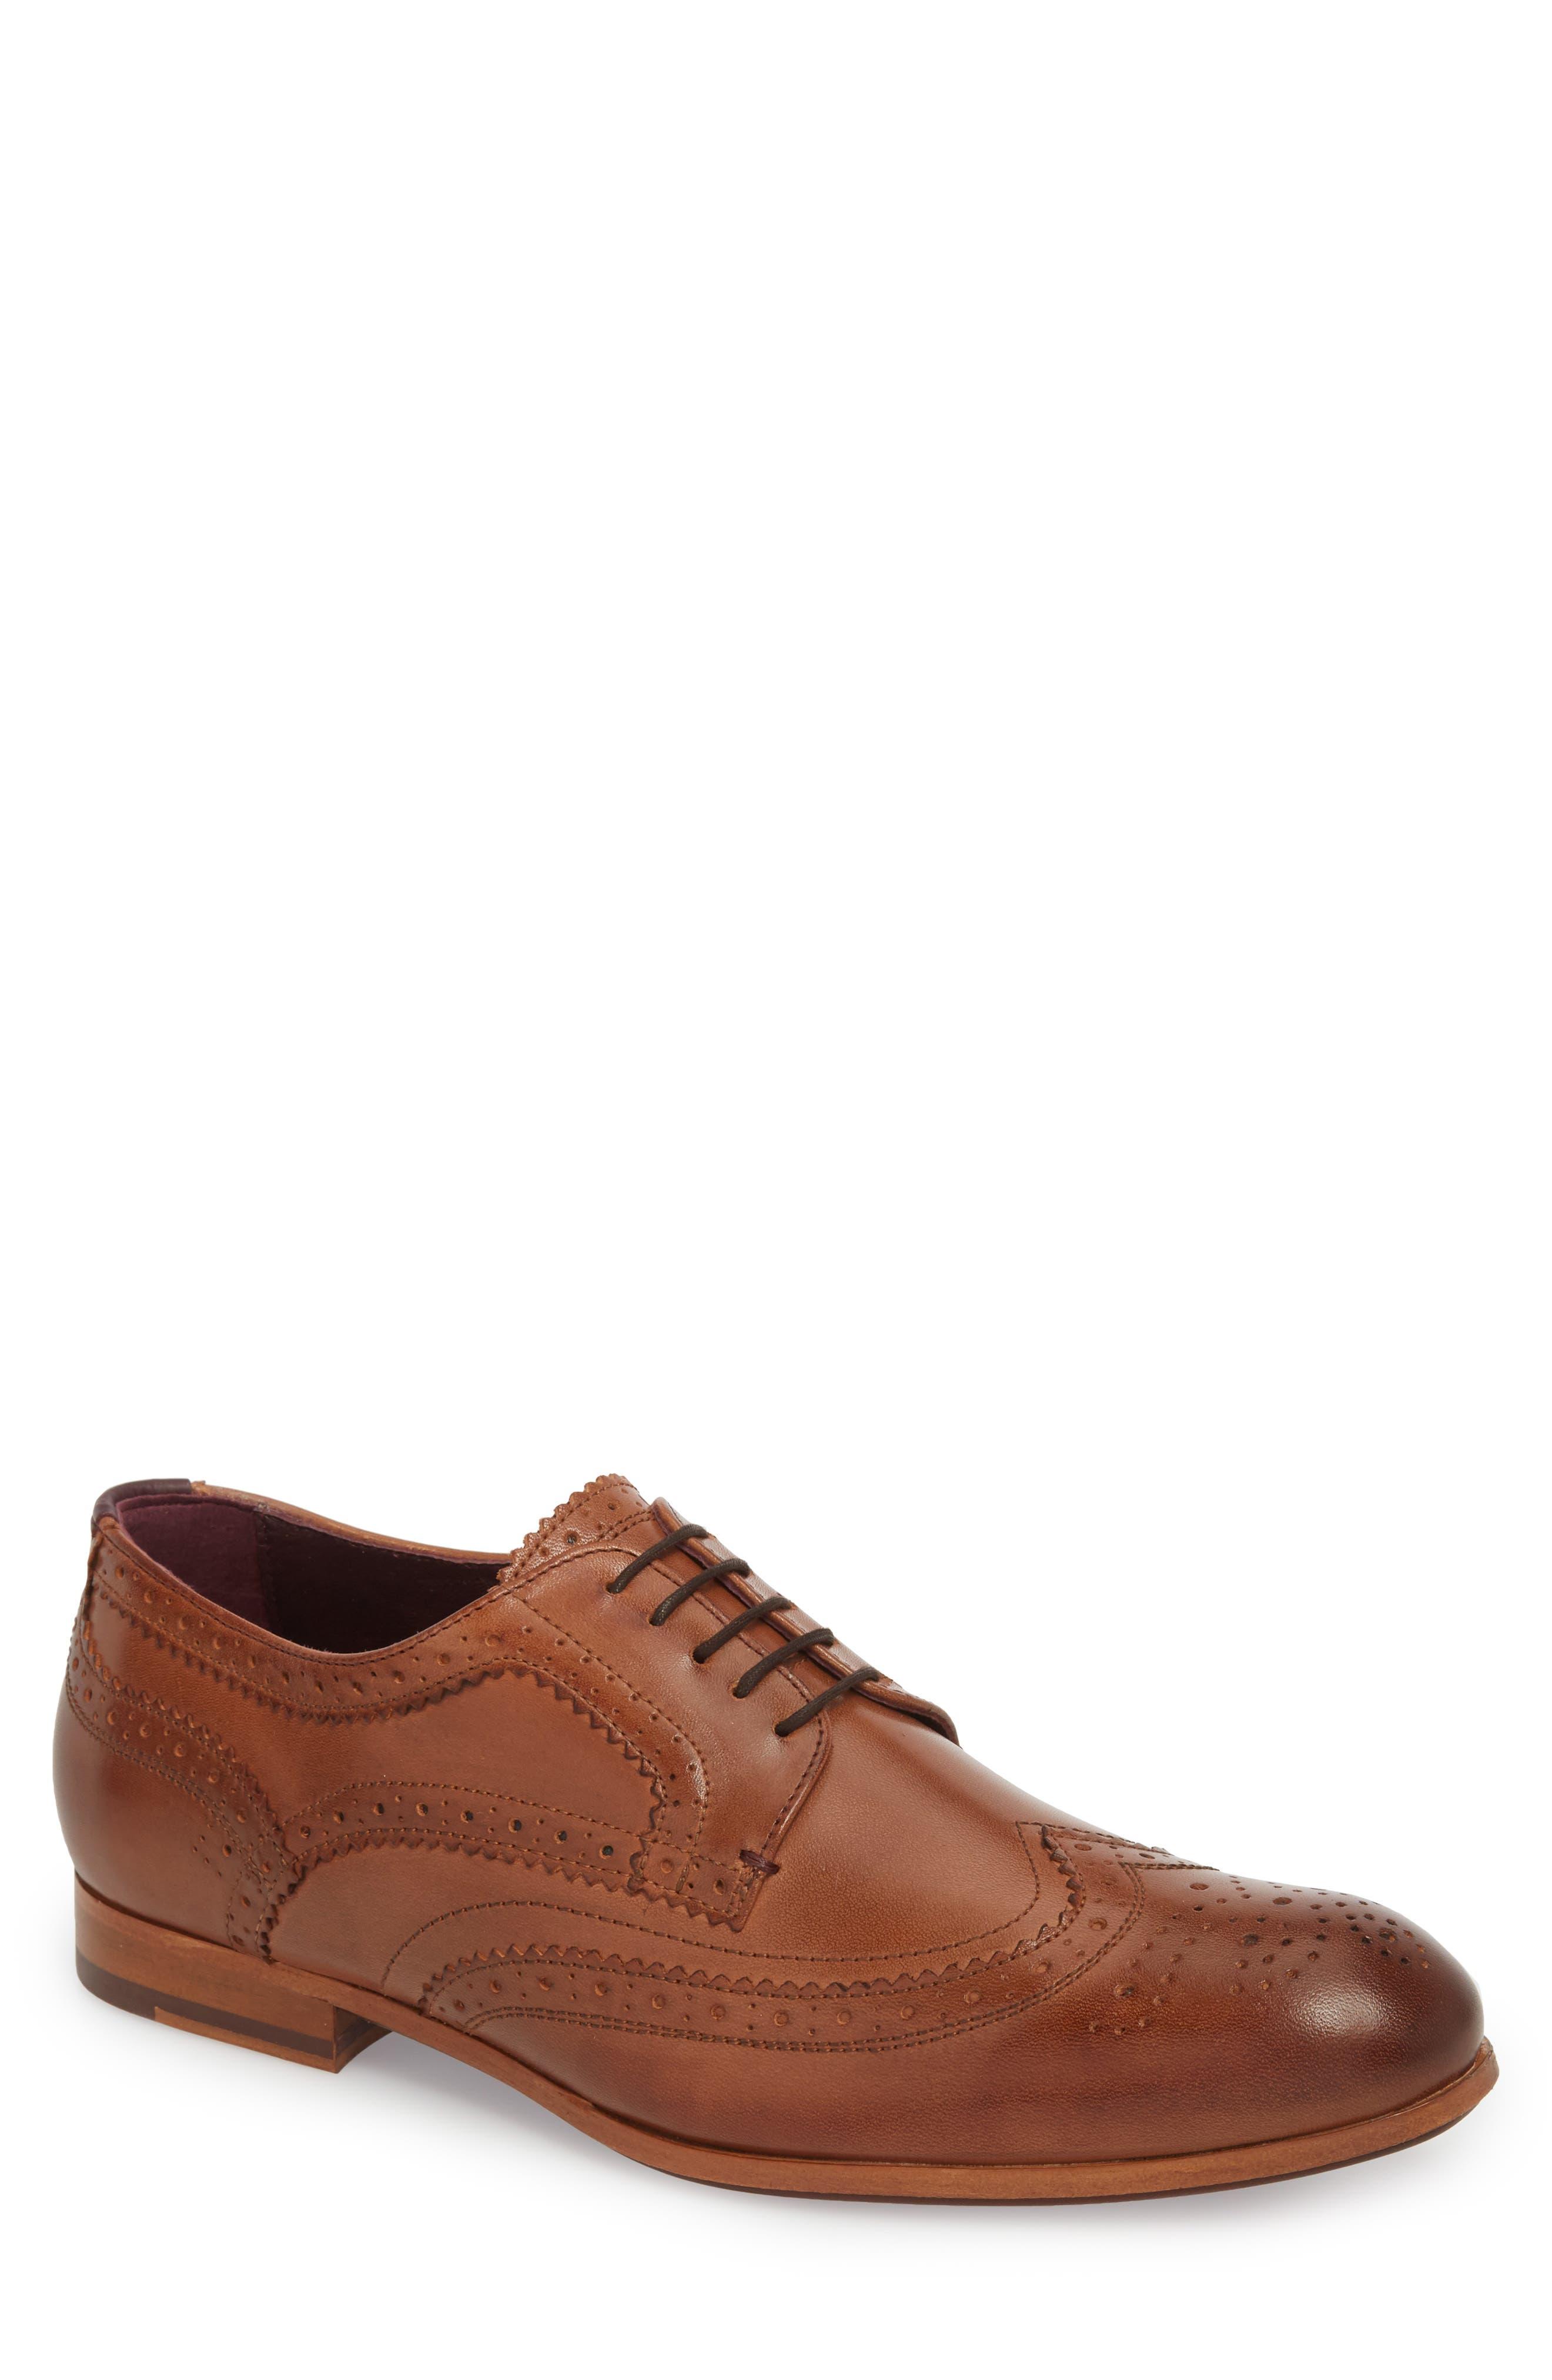 Camyli Wingtip,                         Main,                         color, Tan Leather